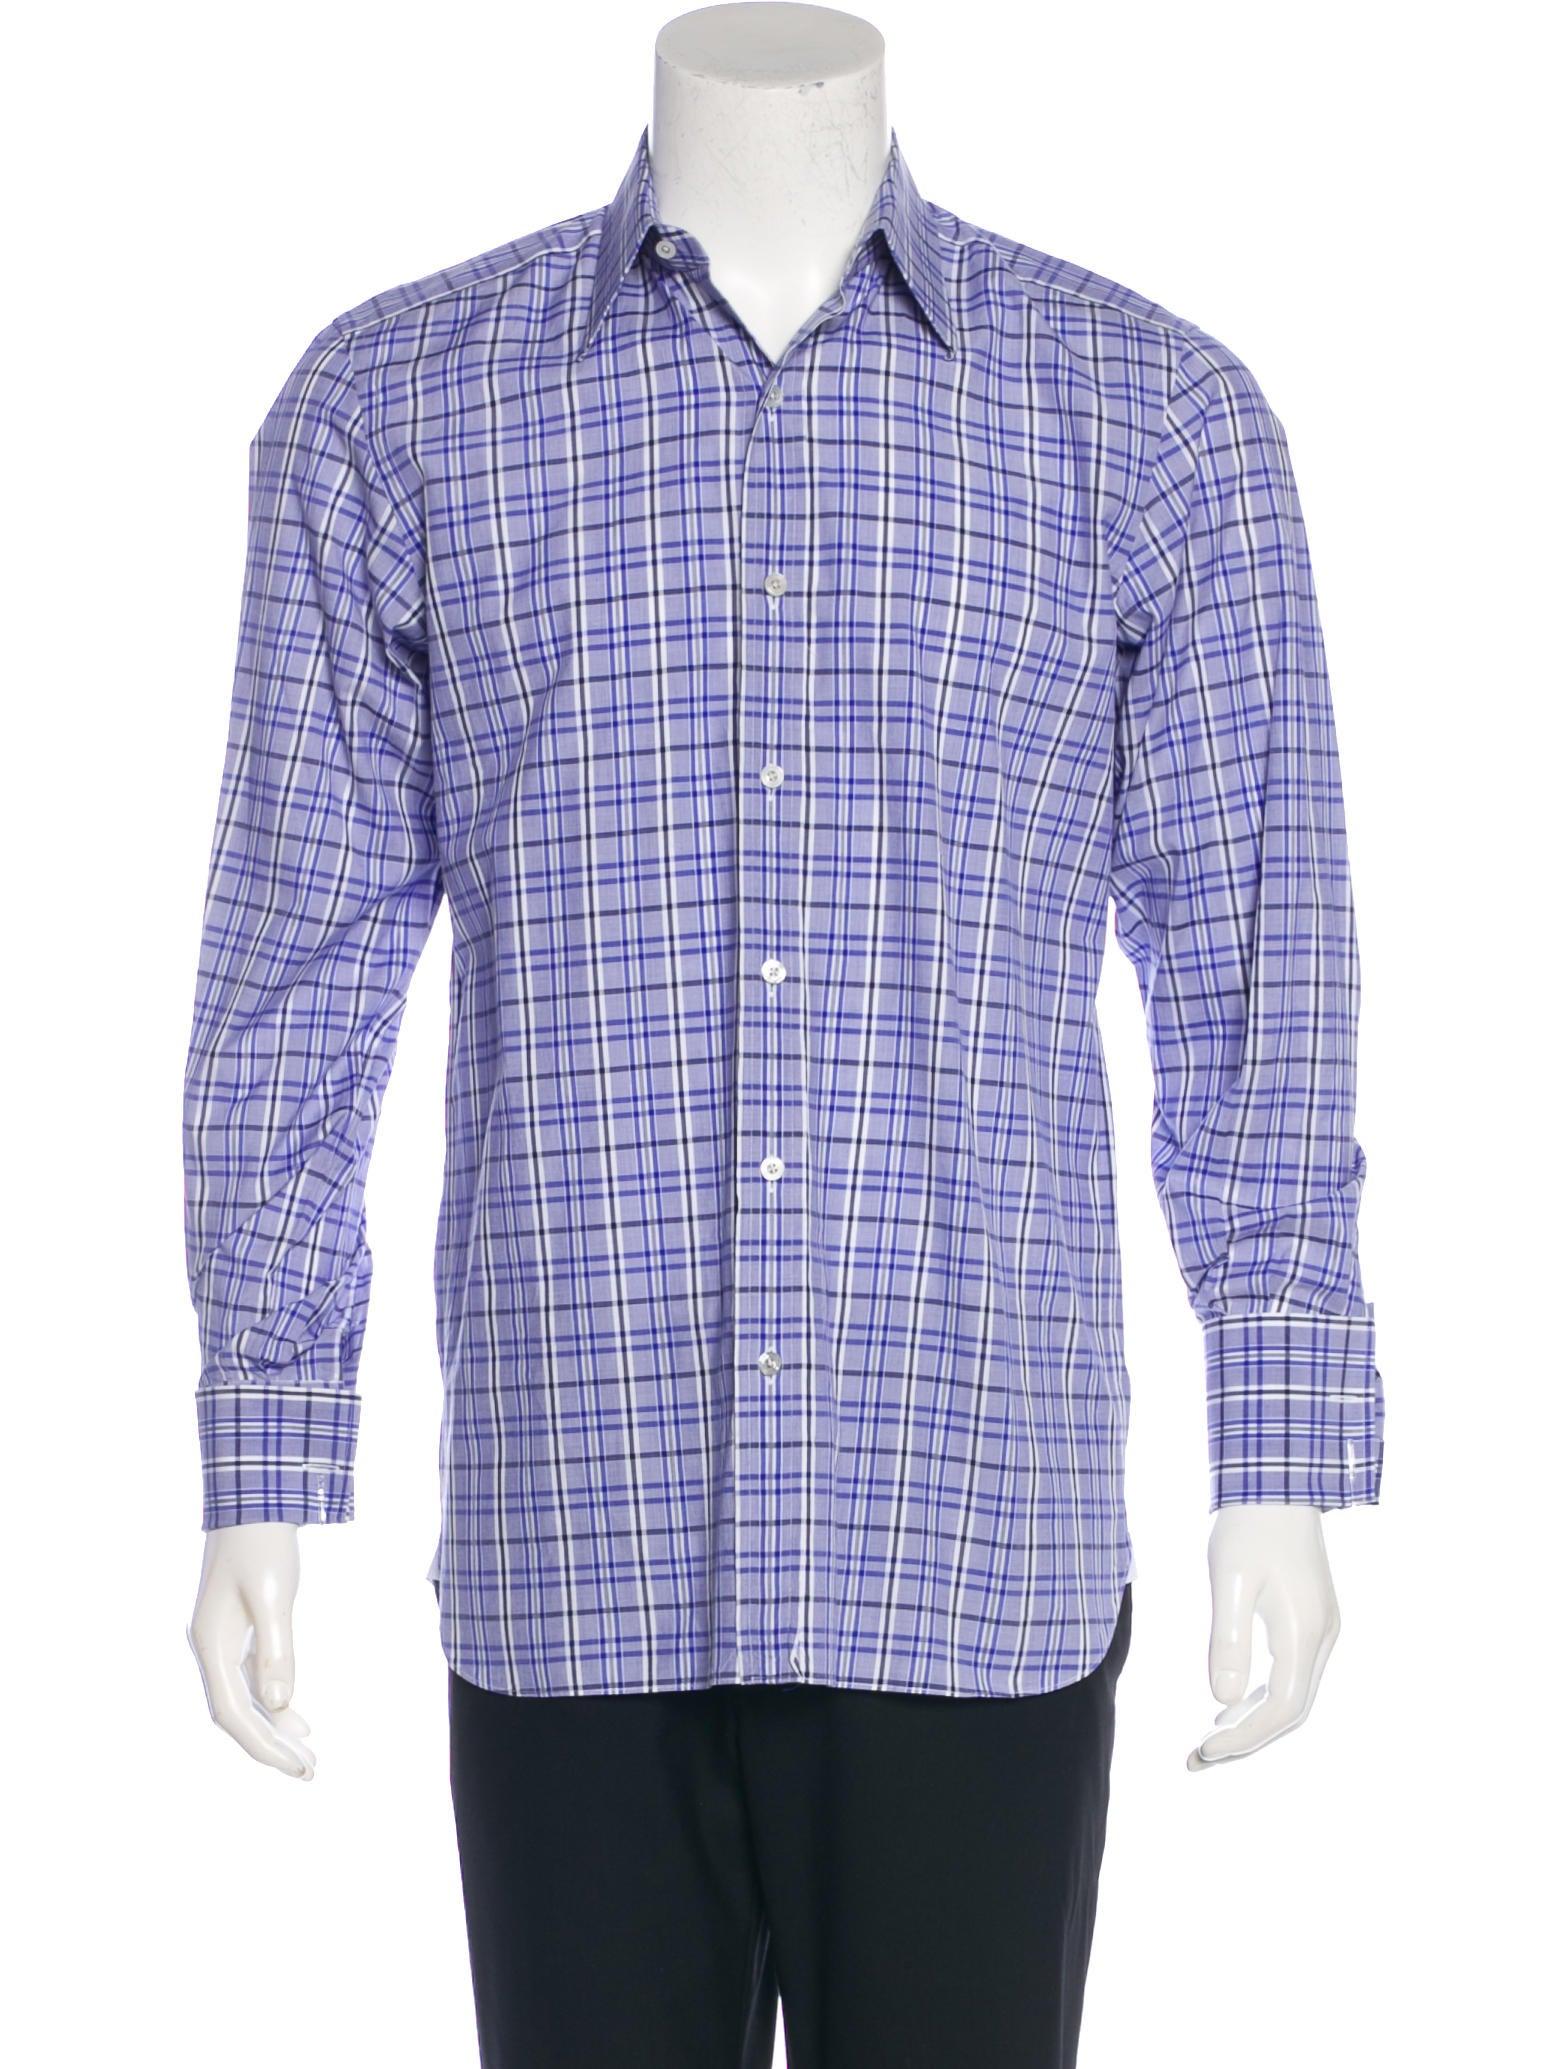 Tom Ford Plaid French Cuff Shirt Clothing Tom37197